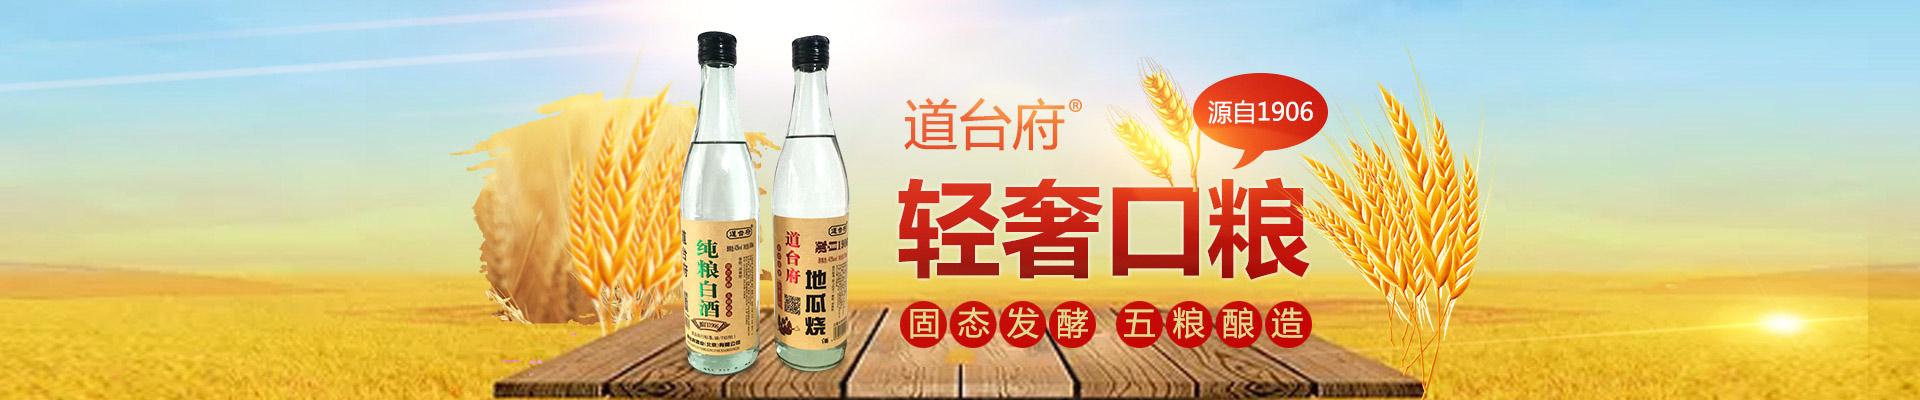 道台府酒业(北京)有限公司